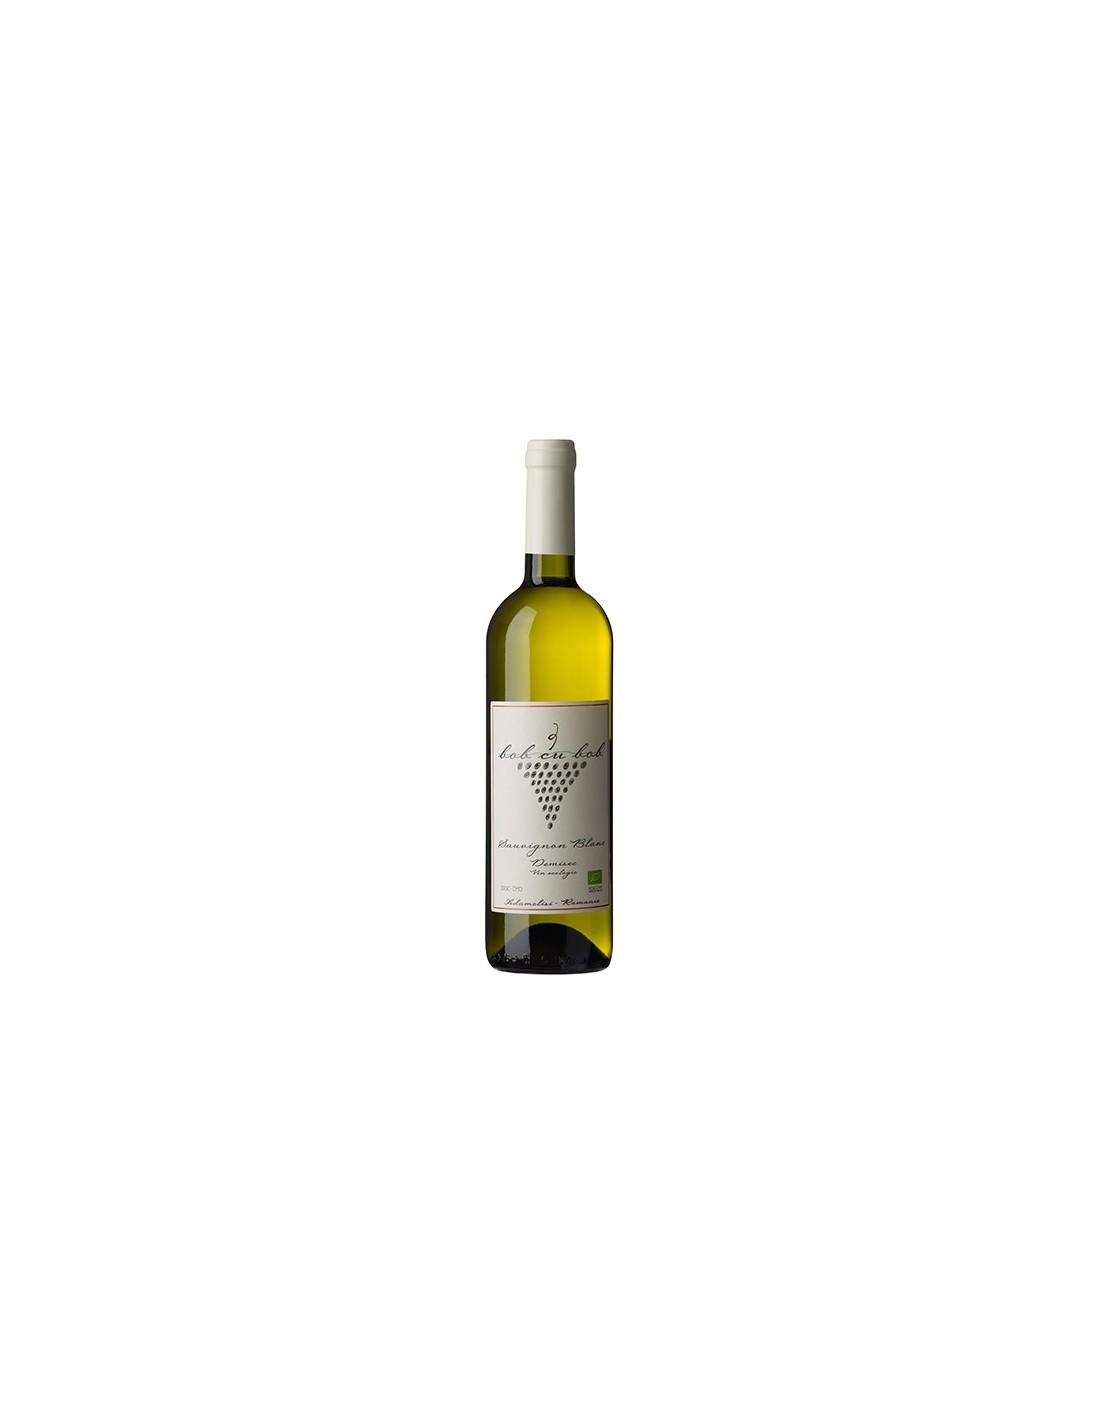 Vin alb demisec, Sauvignon Blanc, Bob cu Bob Adamclisi, 0.75L, 13% alc., Romania